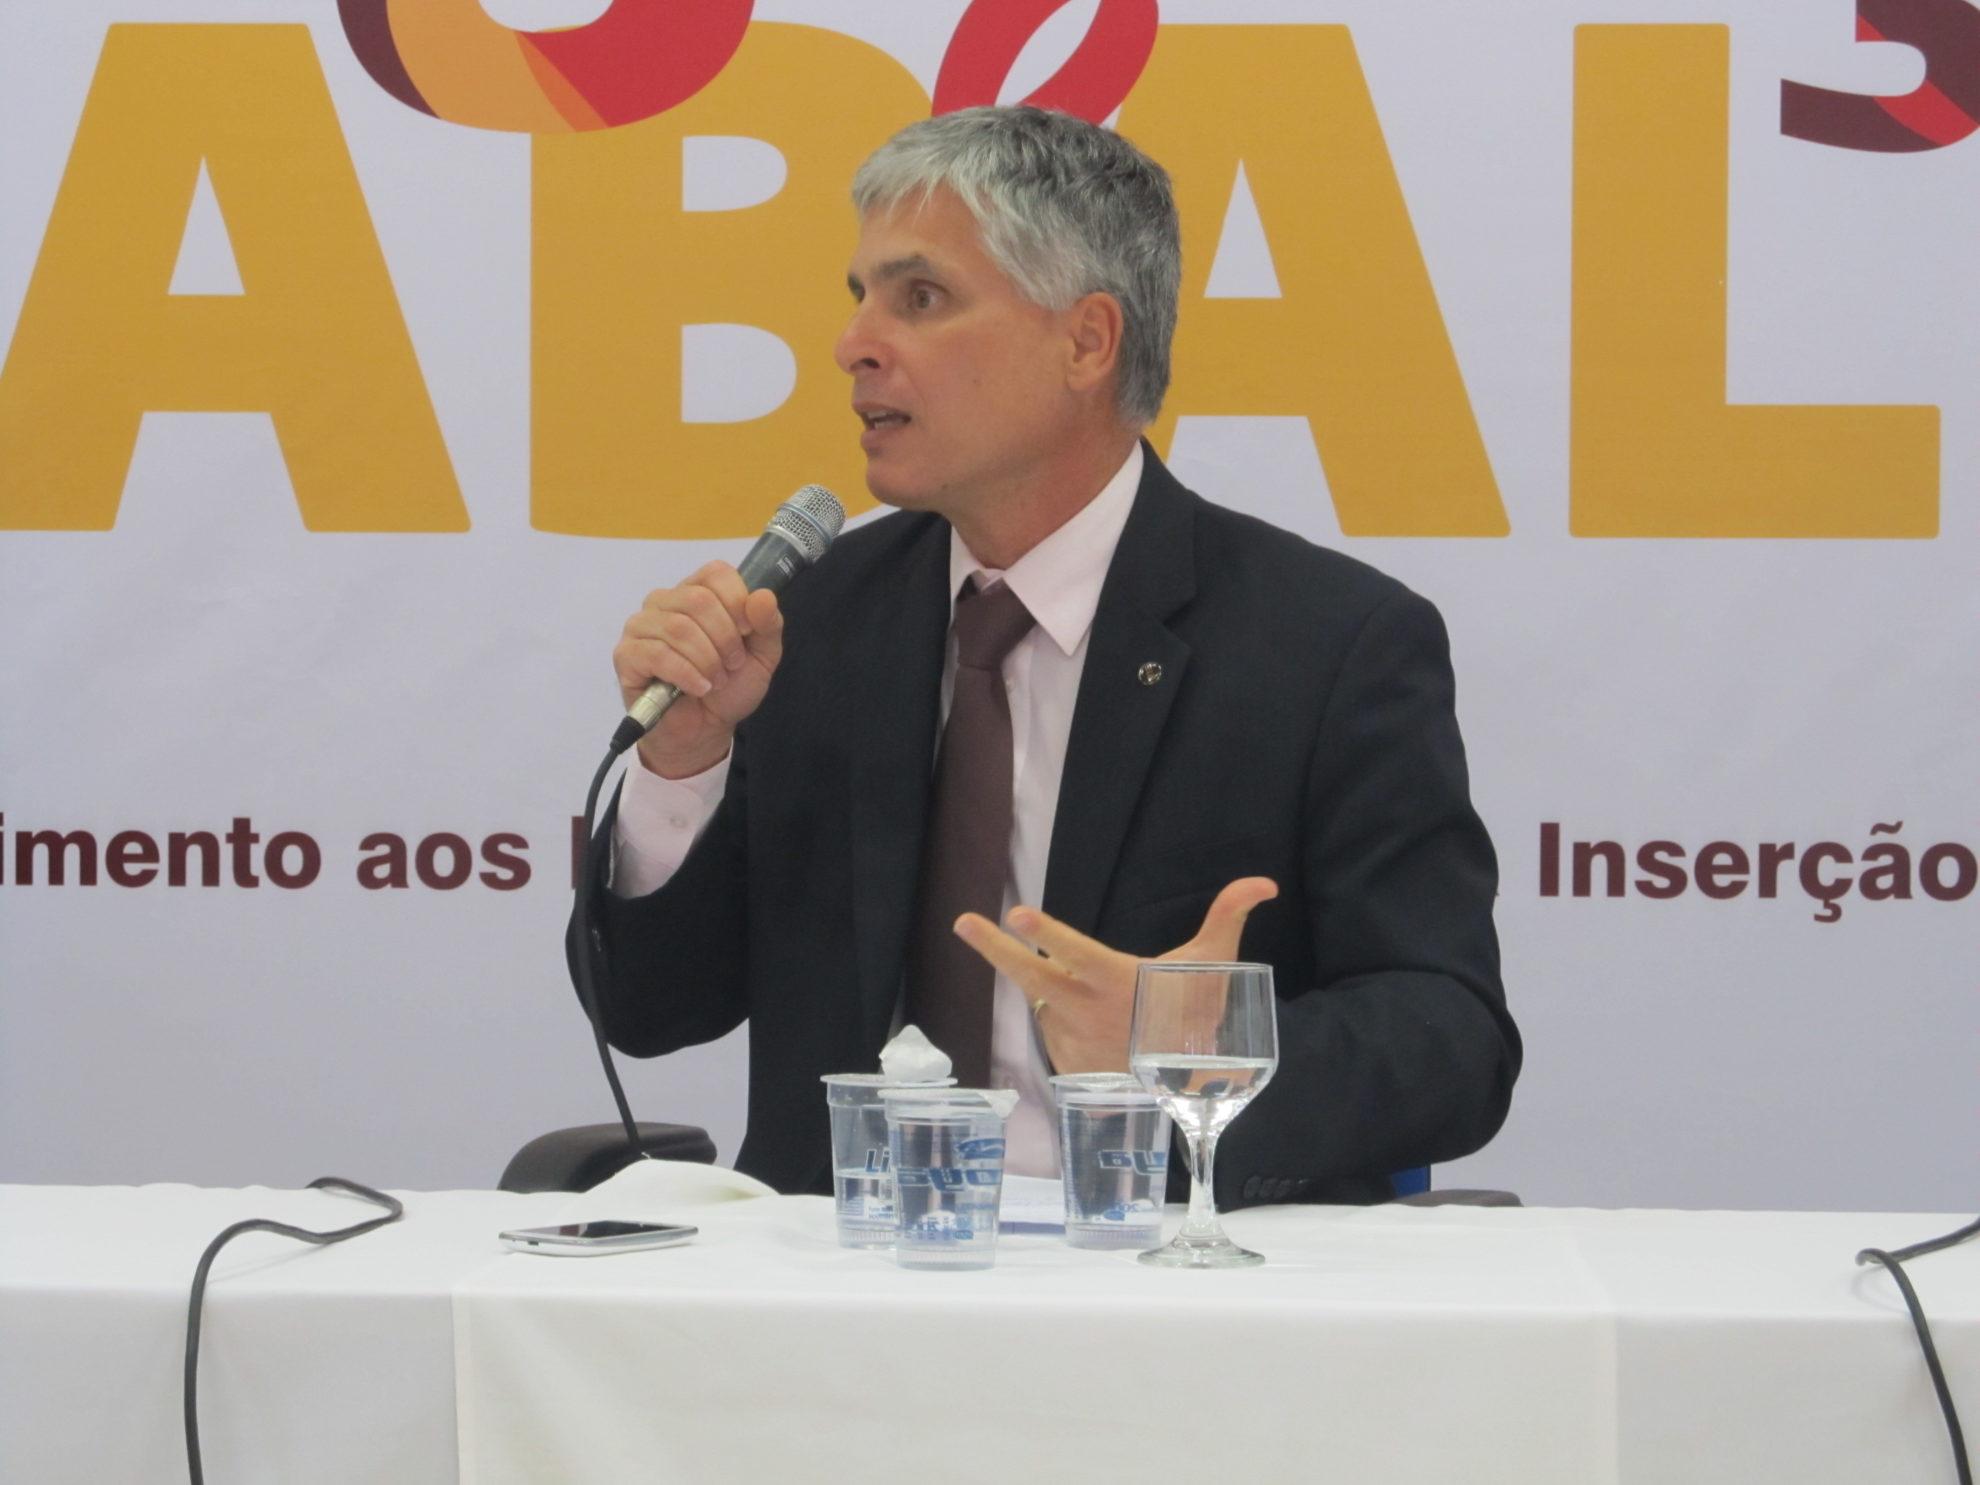 Paulo Sérgio de Almeida, presidente do CNIg, durante evento em São Paulo. Crédito: Rodrigo Borges Delfim/MigraMundo - out.2014